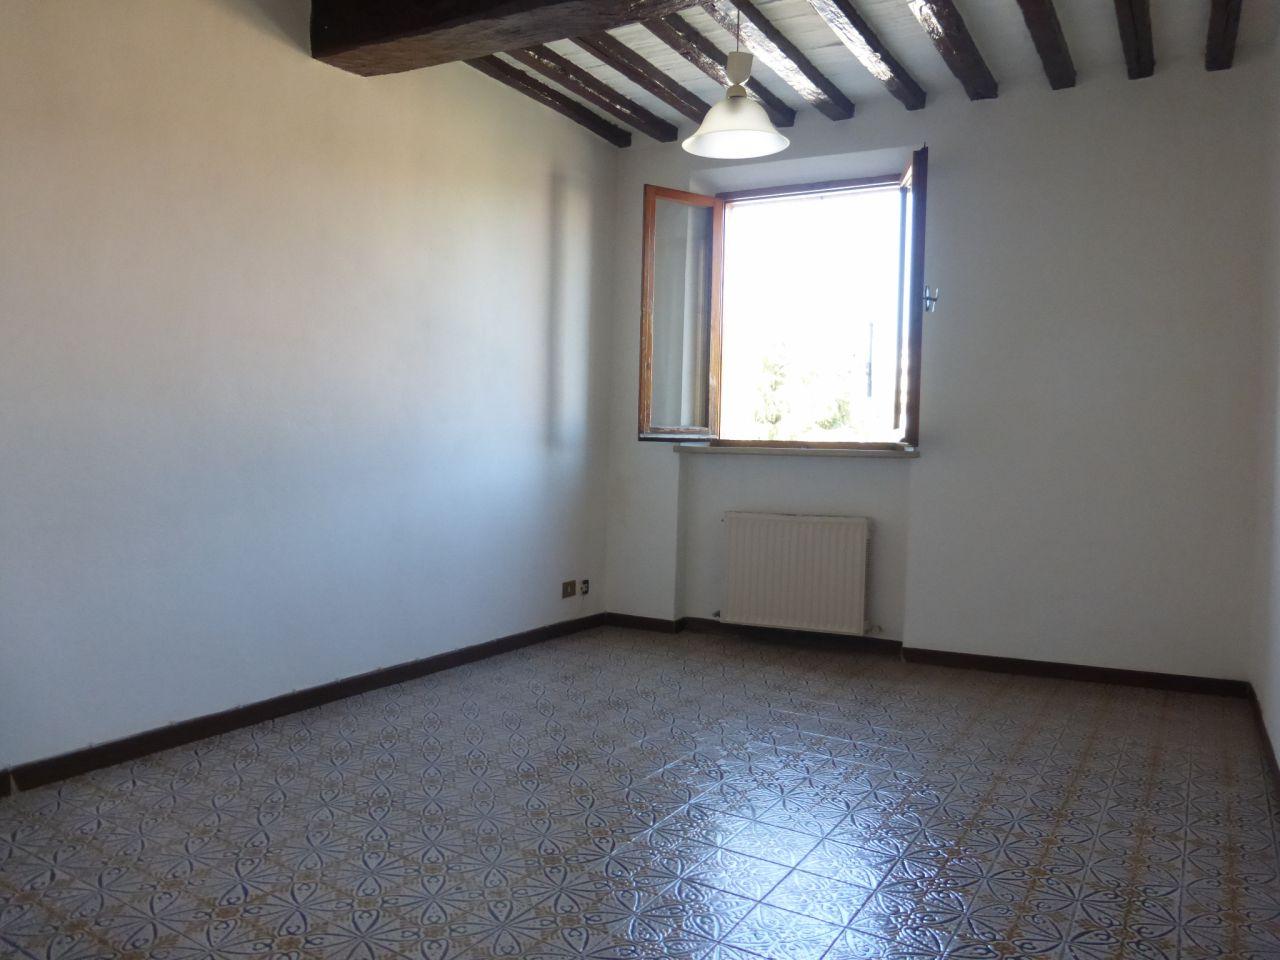 Appartamento in vendita a Monteroni d'Arbia, 4 locali, prezzo € 95.000 | PortaleAgenzieImmobiliari.it